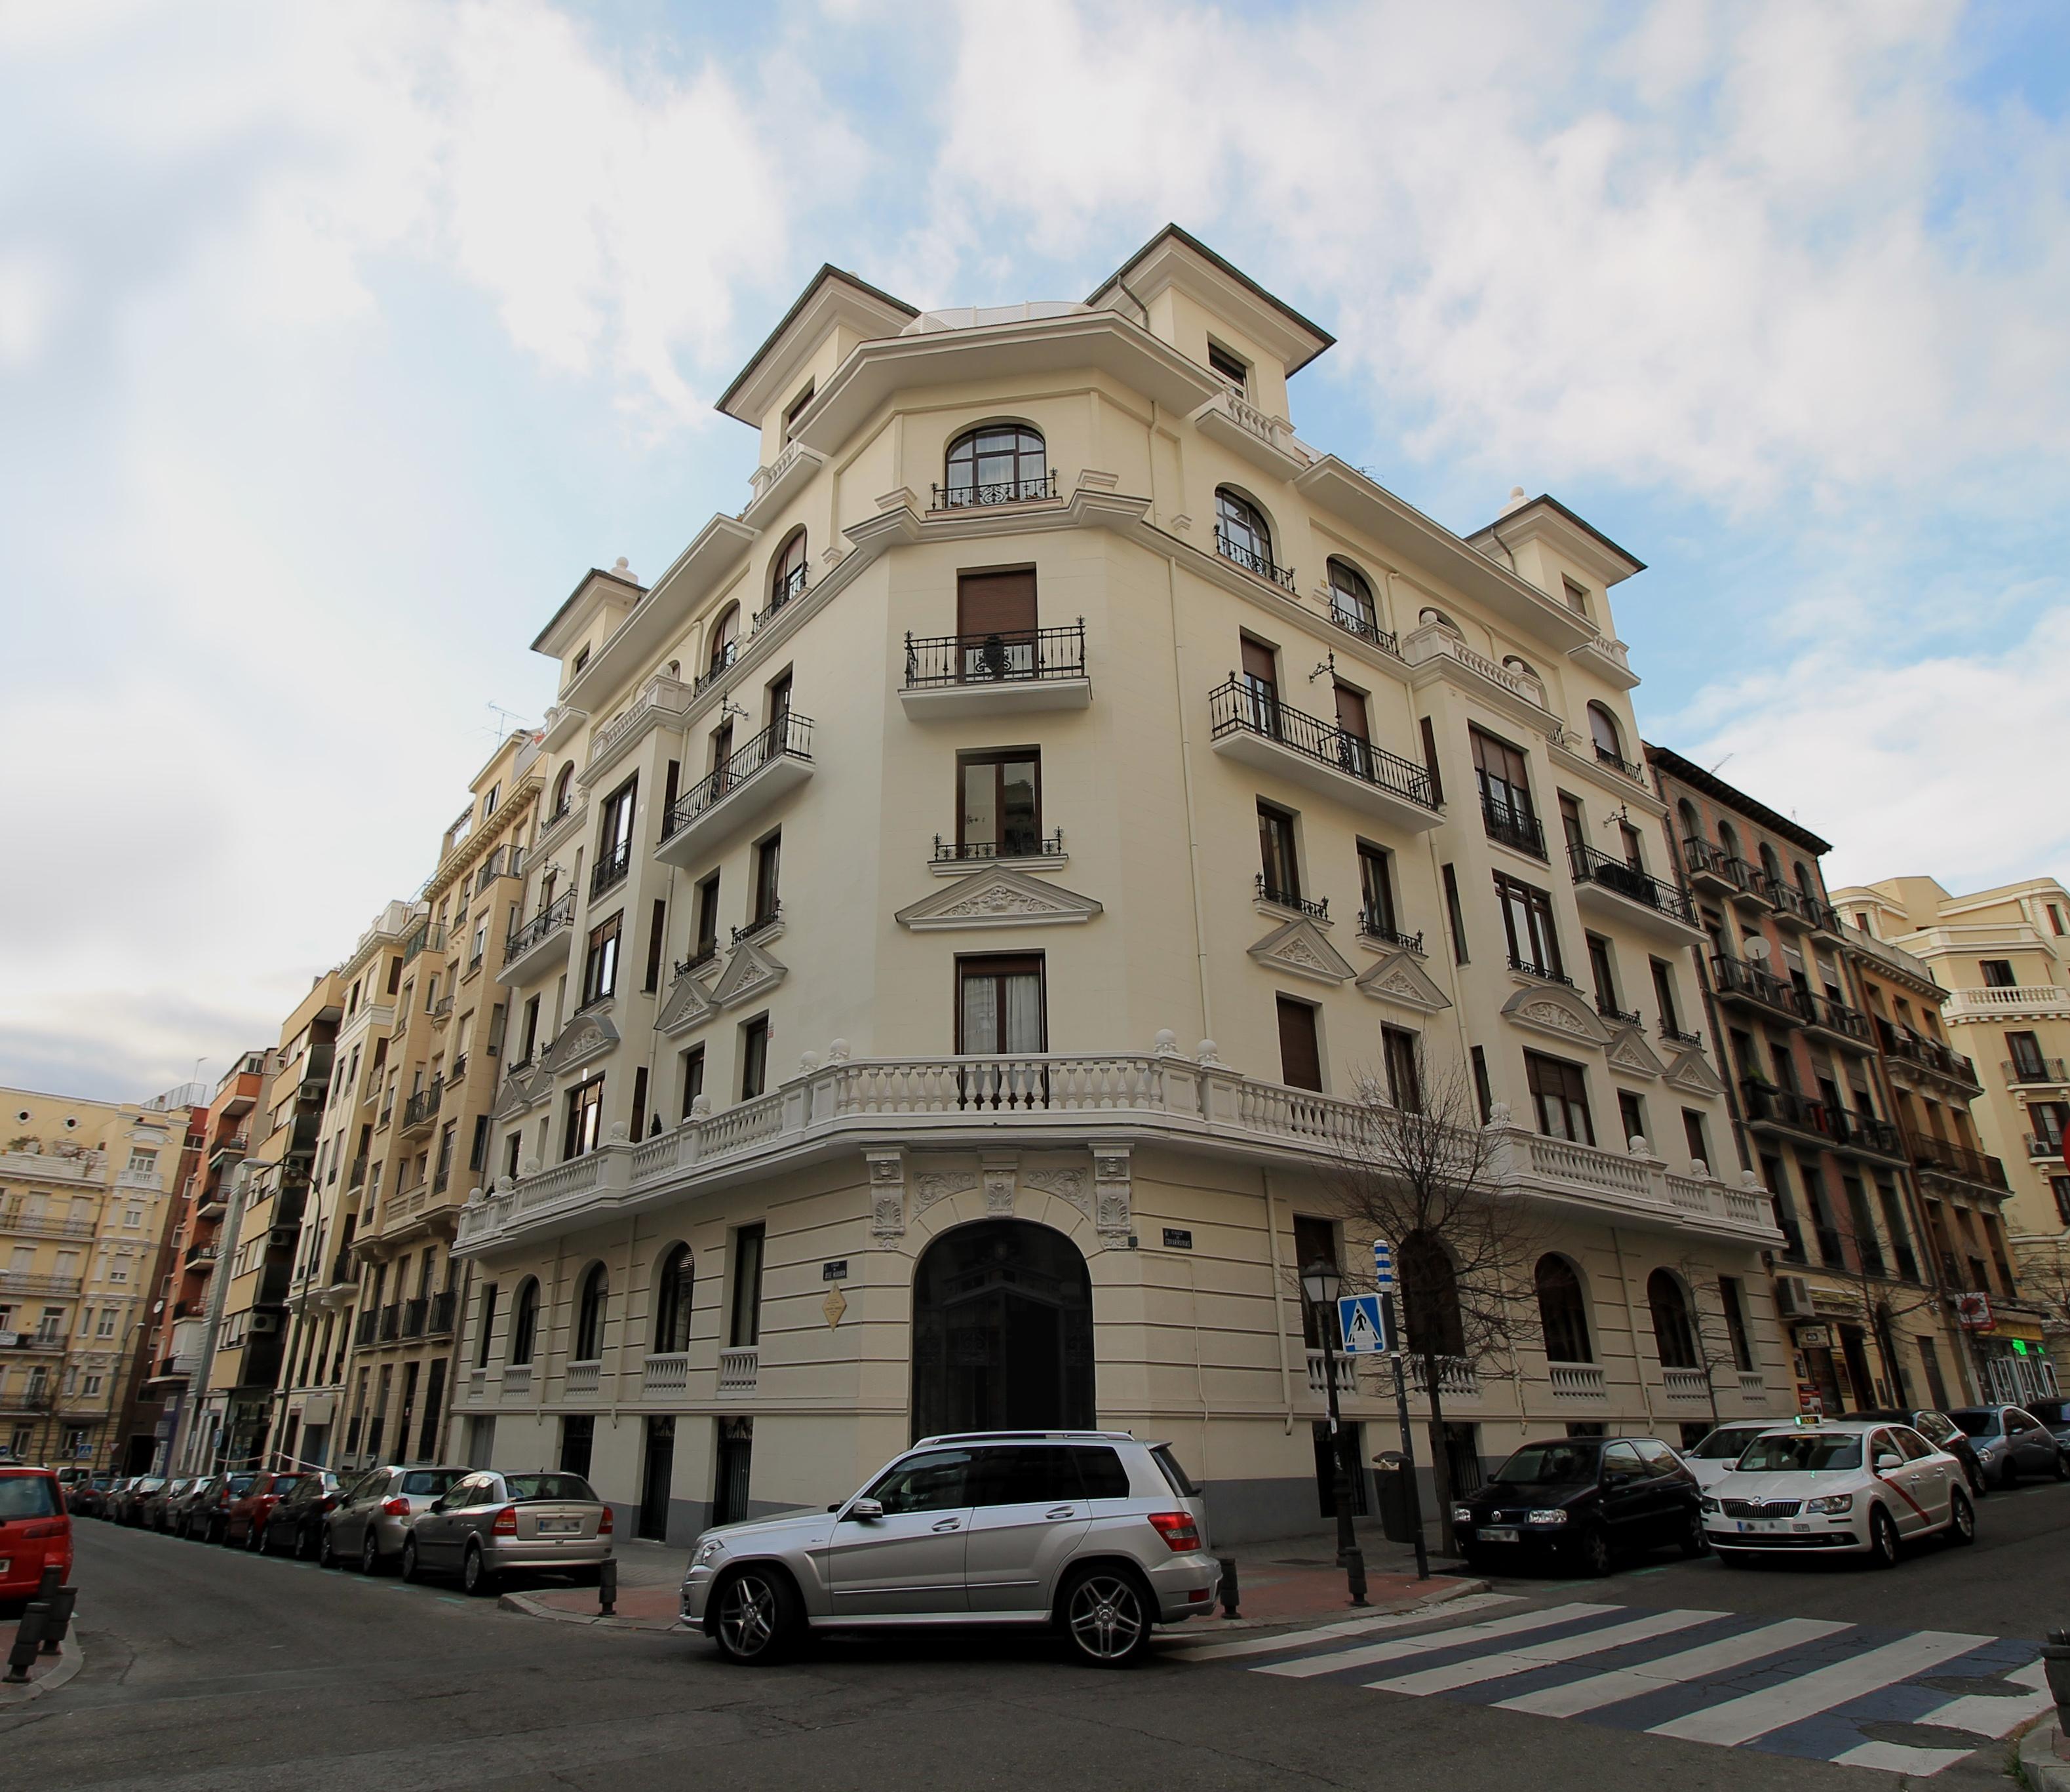 Casa madrileña donde vivió Gerardo Diego desde 1940 hasta su muerte.